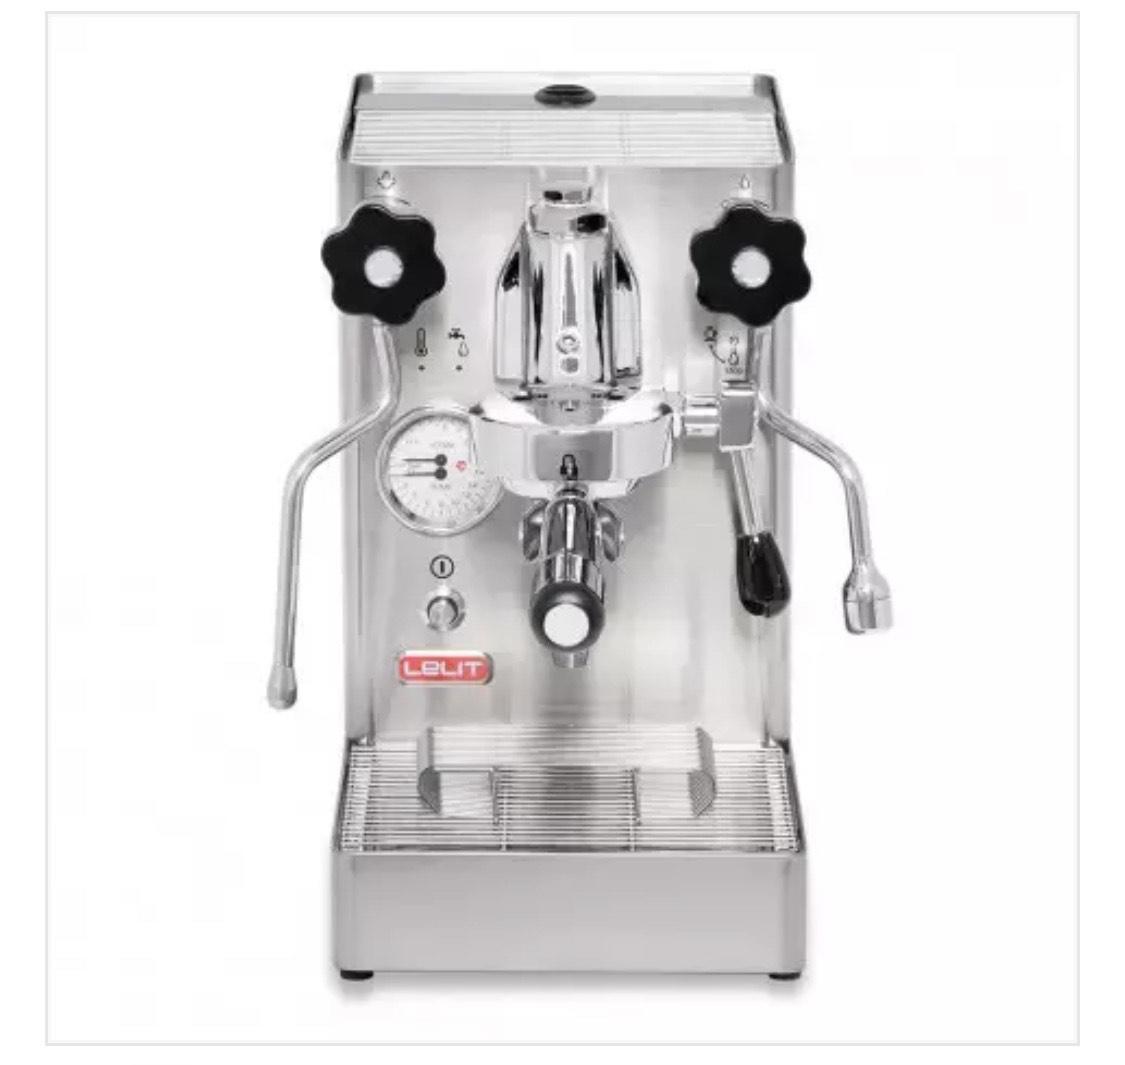 Lelit Mara PL62X, Siebträgermaschine, Espressomaschine, Zweikreiser